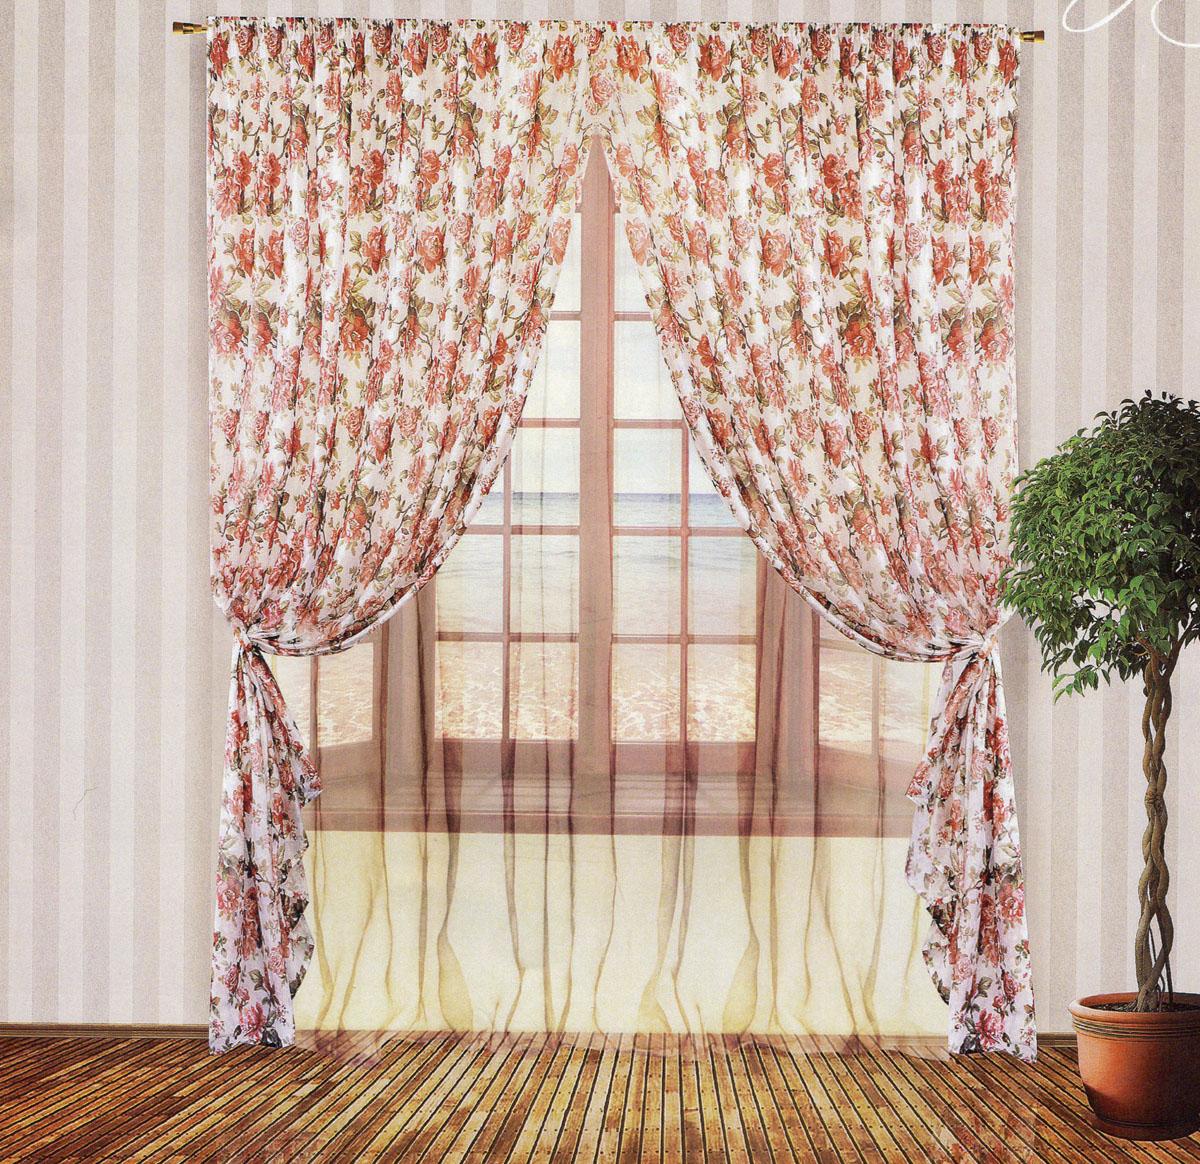 Комплект штор Zlata Korunka, на ленте, цвет: розовый, белый, высота 250 см. 5553410503Роскошный комплект тюлевых штор Zlata Korunka, выполненный из органзы и микровуали (100% полиэстера), великолепно украсит любое окно. Комплект состоит из двух штор, тюля и двух подхватов. Полупрозрачная ткань, цветочный принт и приятная, приглушенная гамма привлекут к себе внимание и органично впишутся в интерьер помещения. Комплект крепится на карниз при помощи шторной ленты, которая поможет красиво и равномерно задрапировать верх. Шторы можно зафиксировать в одном положении с помощью двух подхватов. Этот комплект будет долгое время радовать вас и вашу семью! В комплект входит: Штора: 2 шт. Размер (ШхВ): 200 см х 250 см. Тюль: 1 шт. Размер (ШхВ): 400 см х 250 см.Подхват: 2 шт. Размер (ШхВ): 60 см х 10 см.